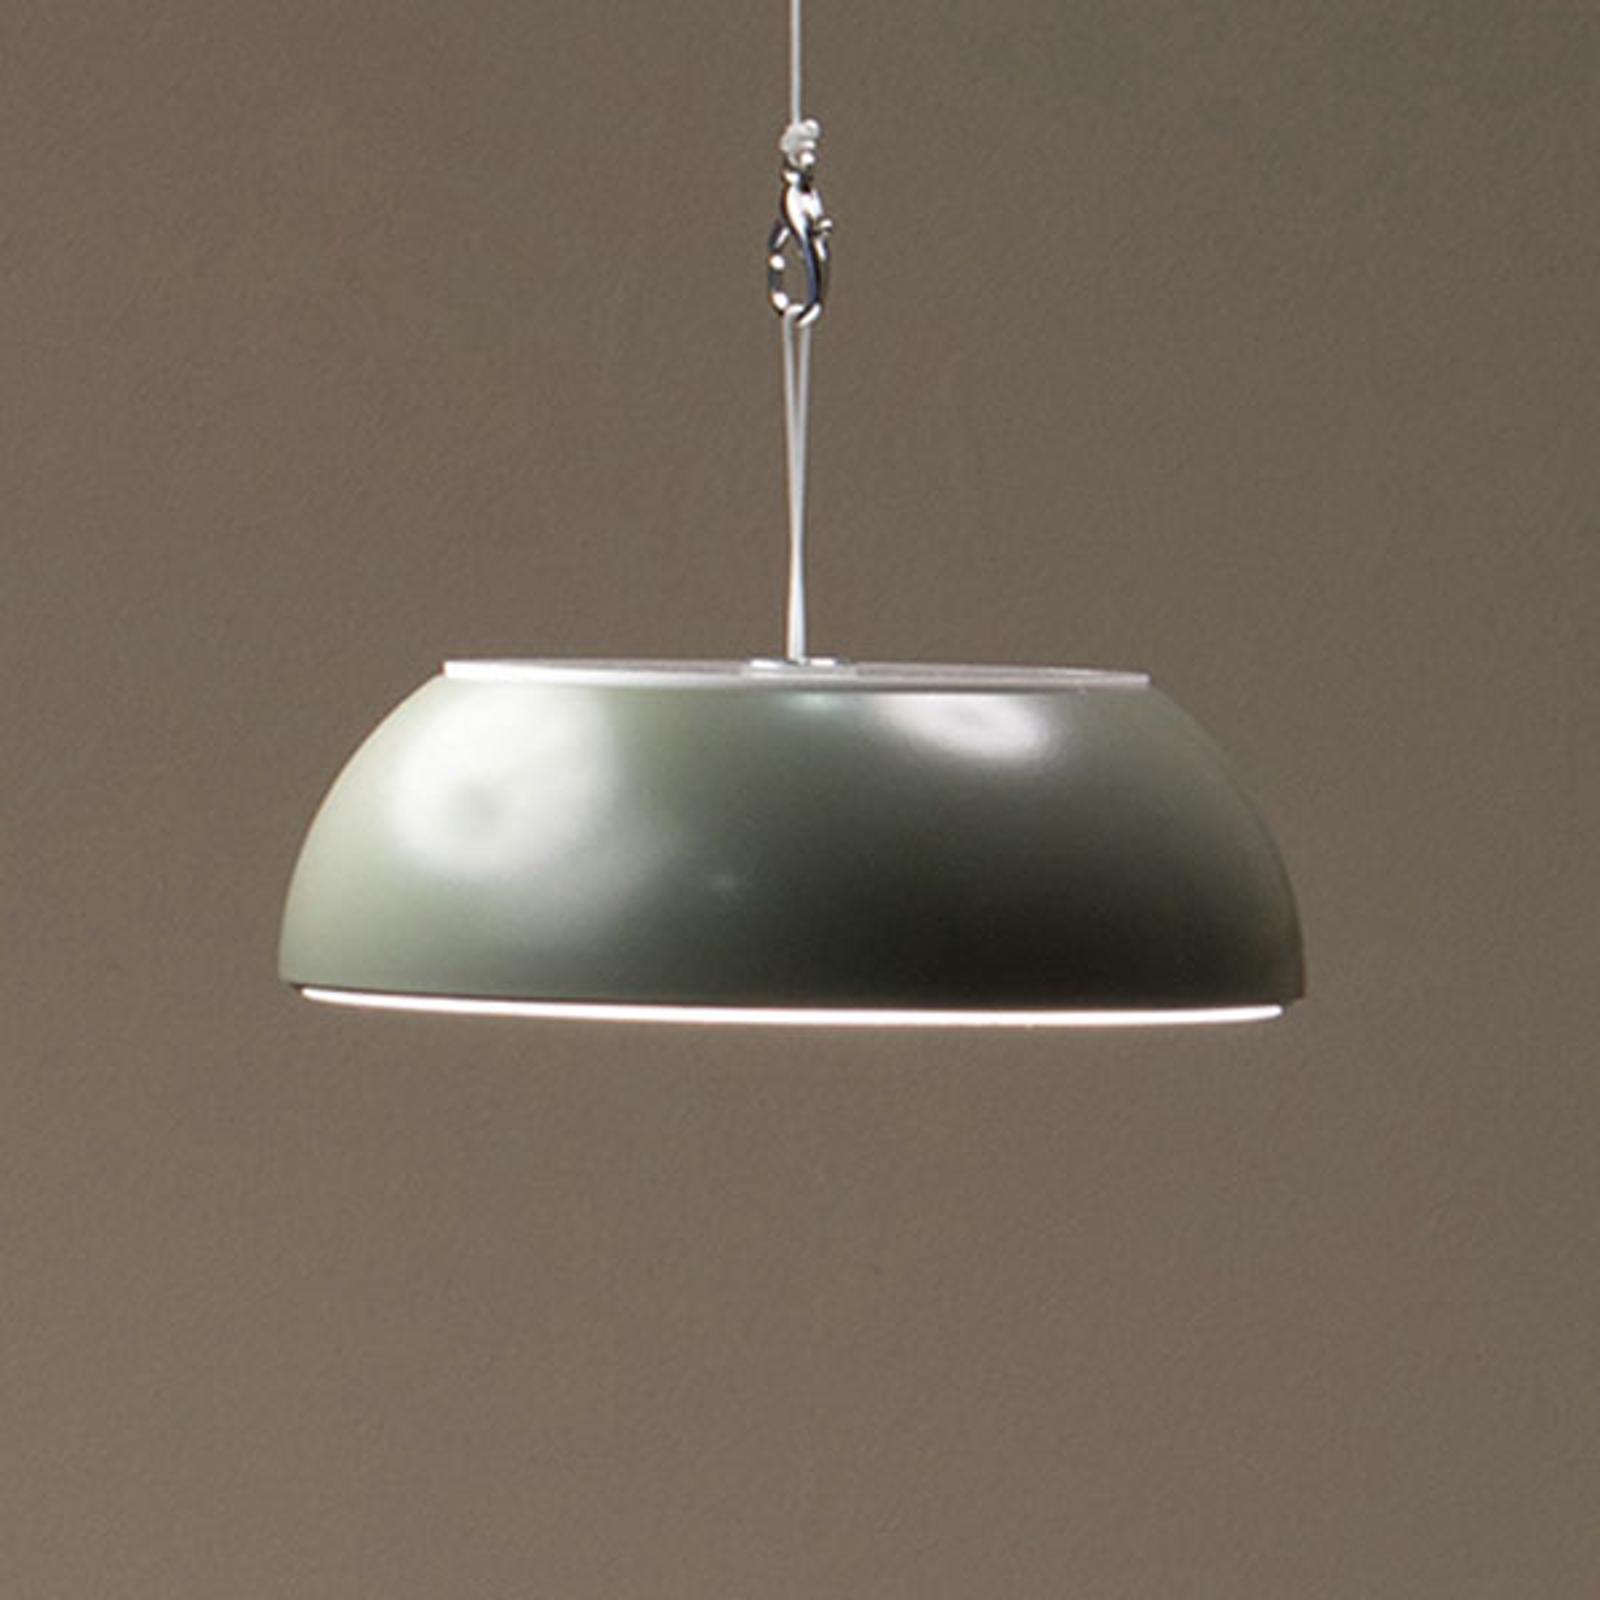 Axolight Float LED-riippuvalaisin, vihreä